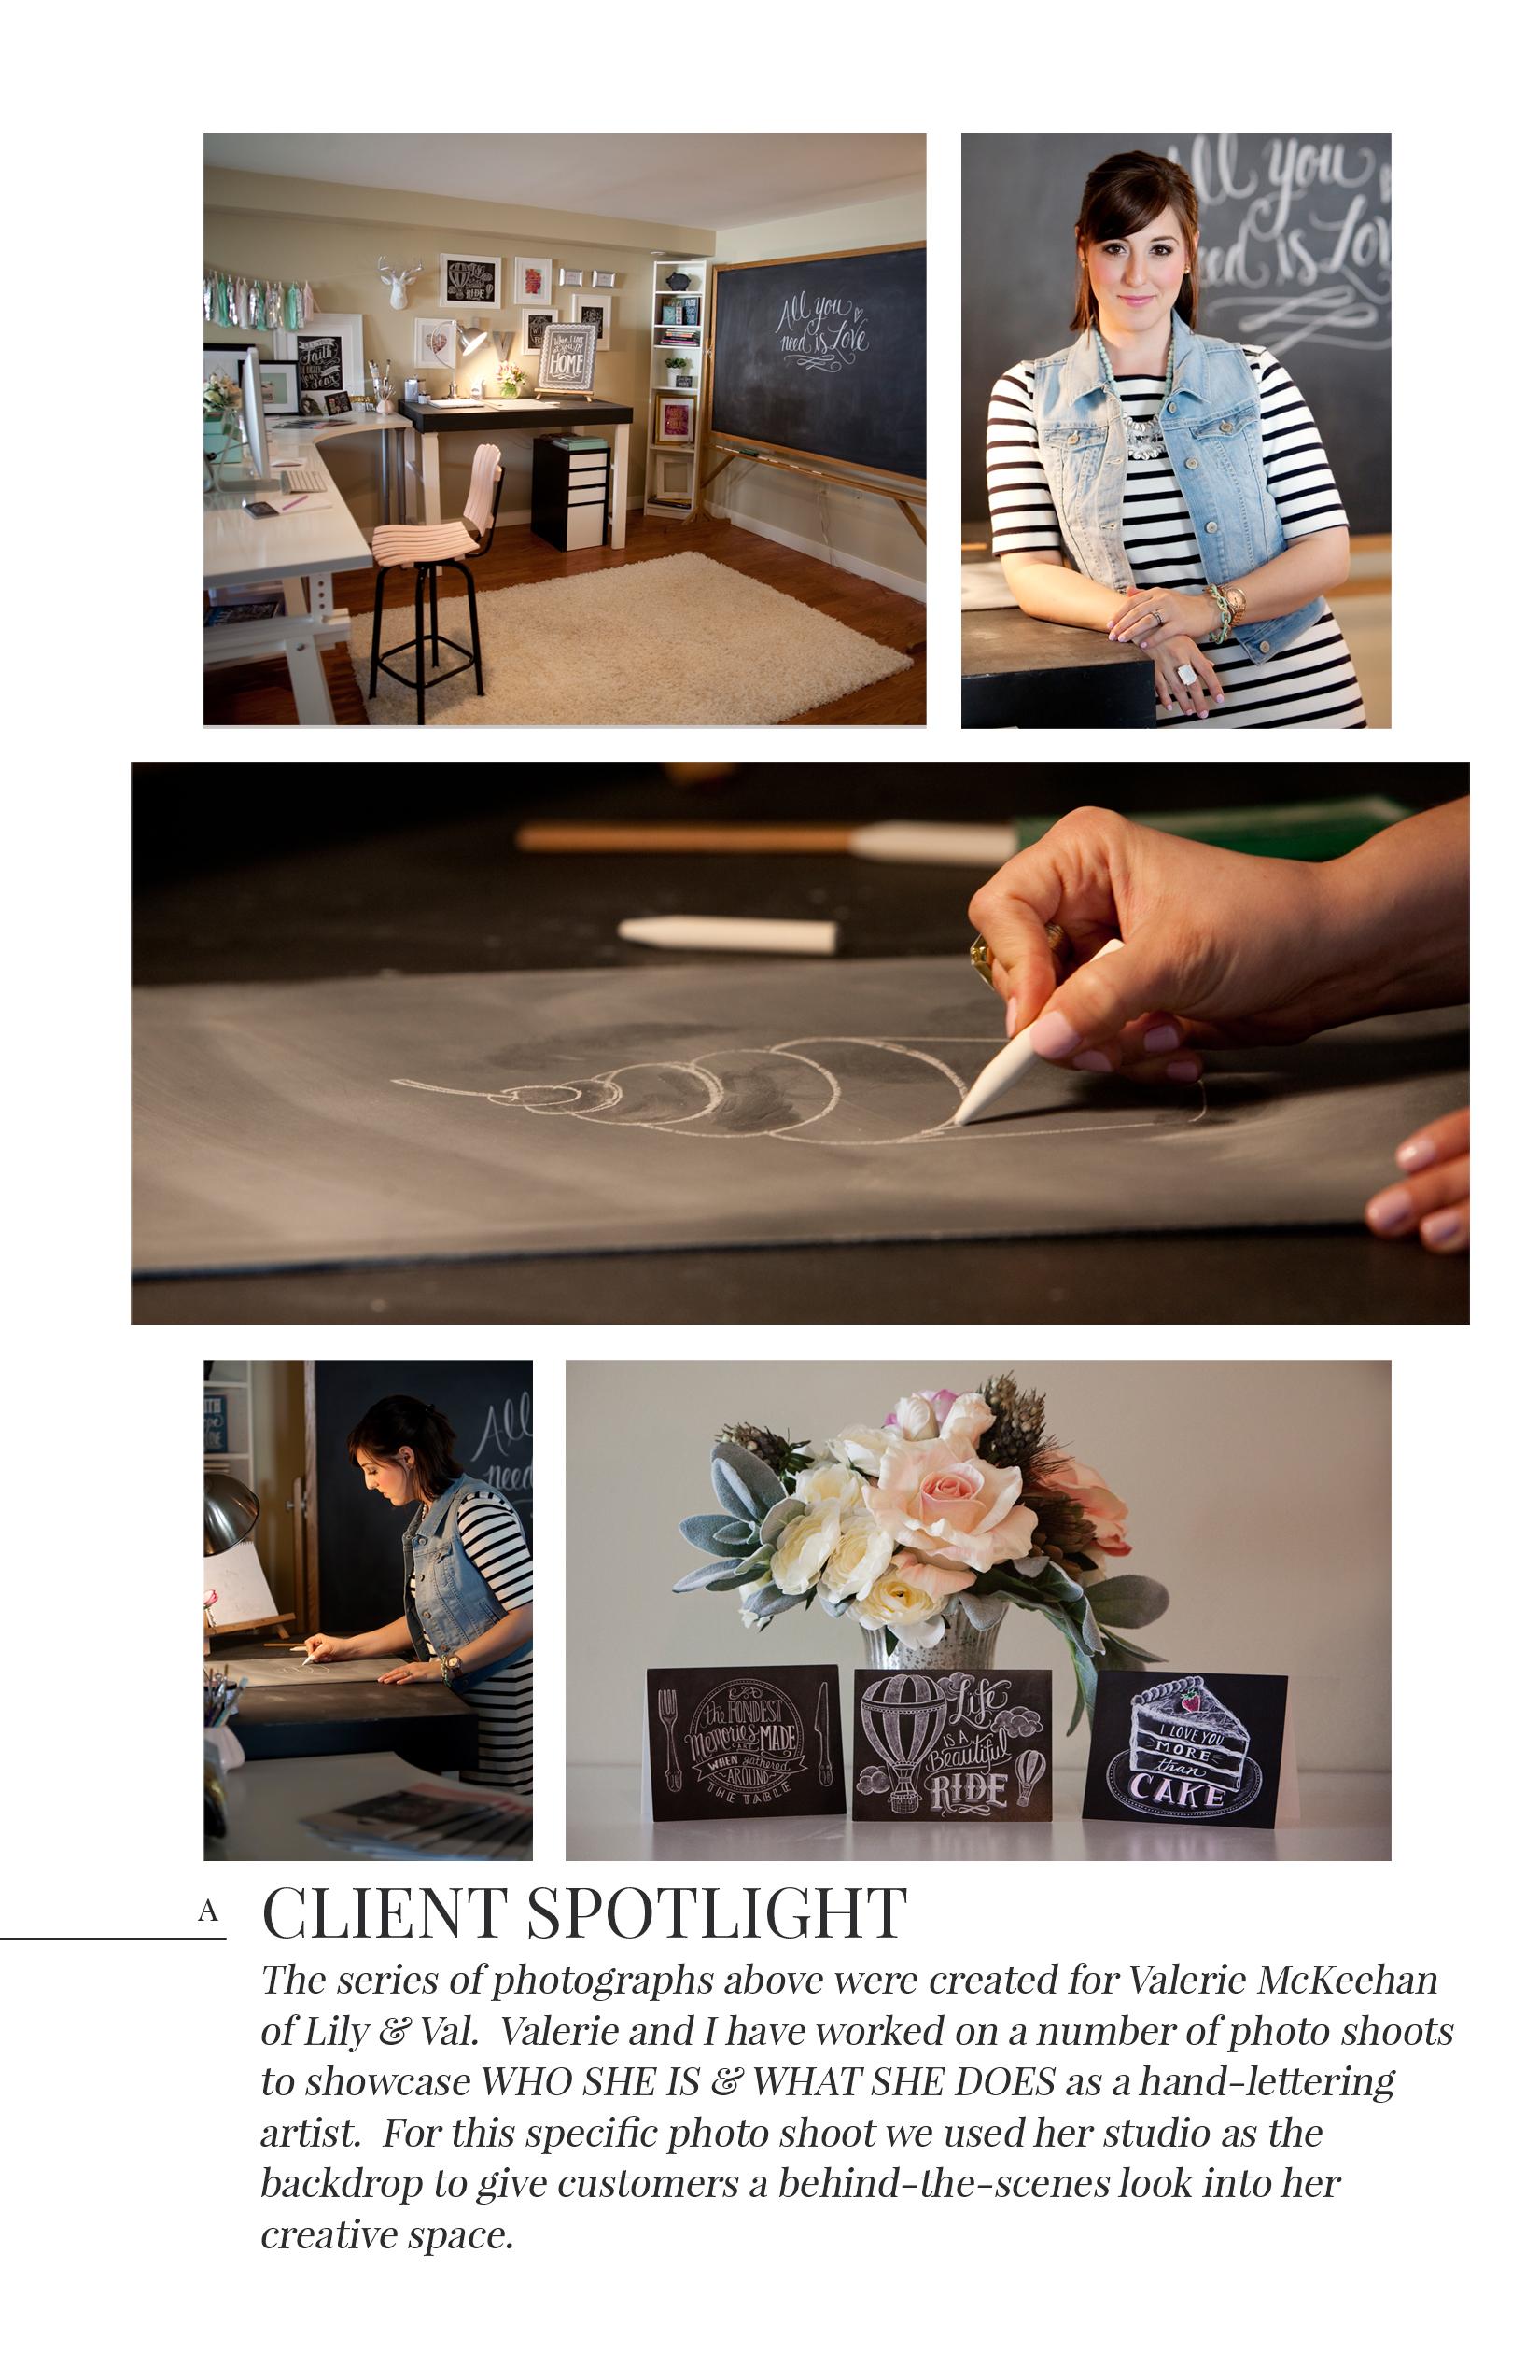 clientspotlight_lilyandval.jpg